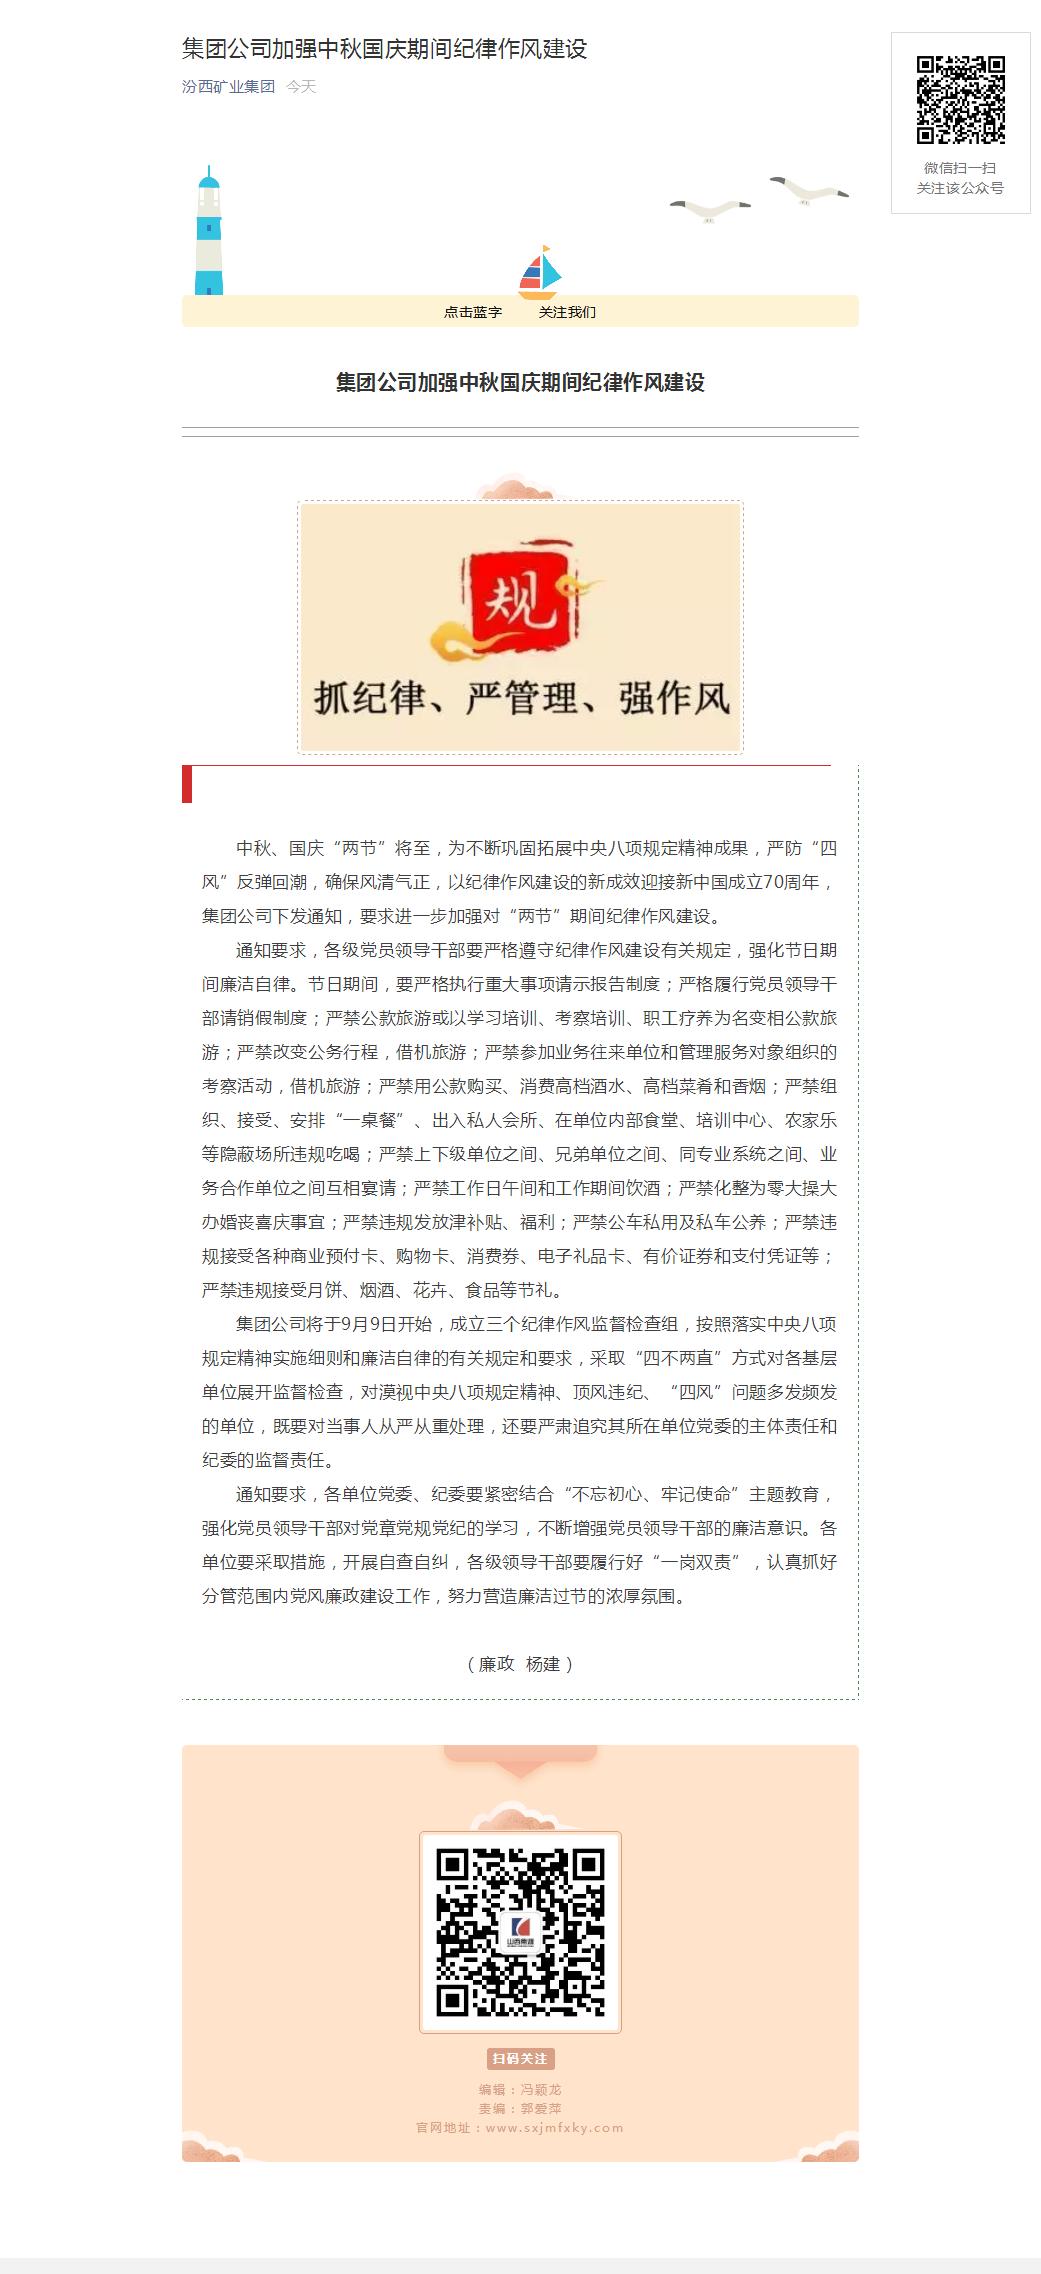 集團公司加強中秋國慶期間紀律作風建設.png